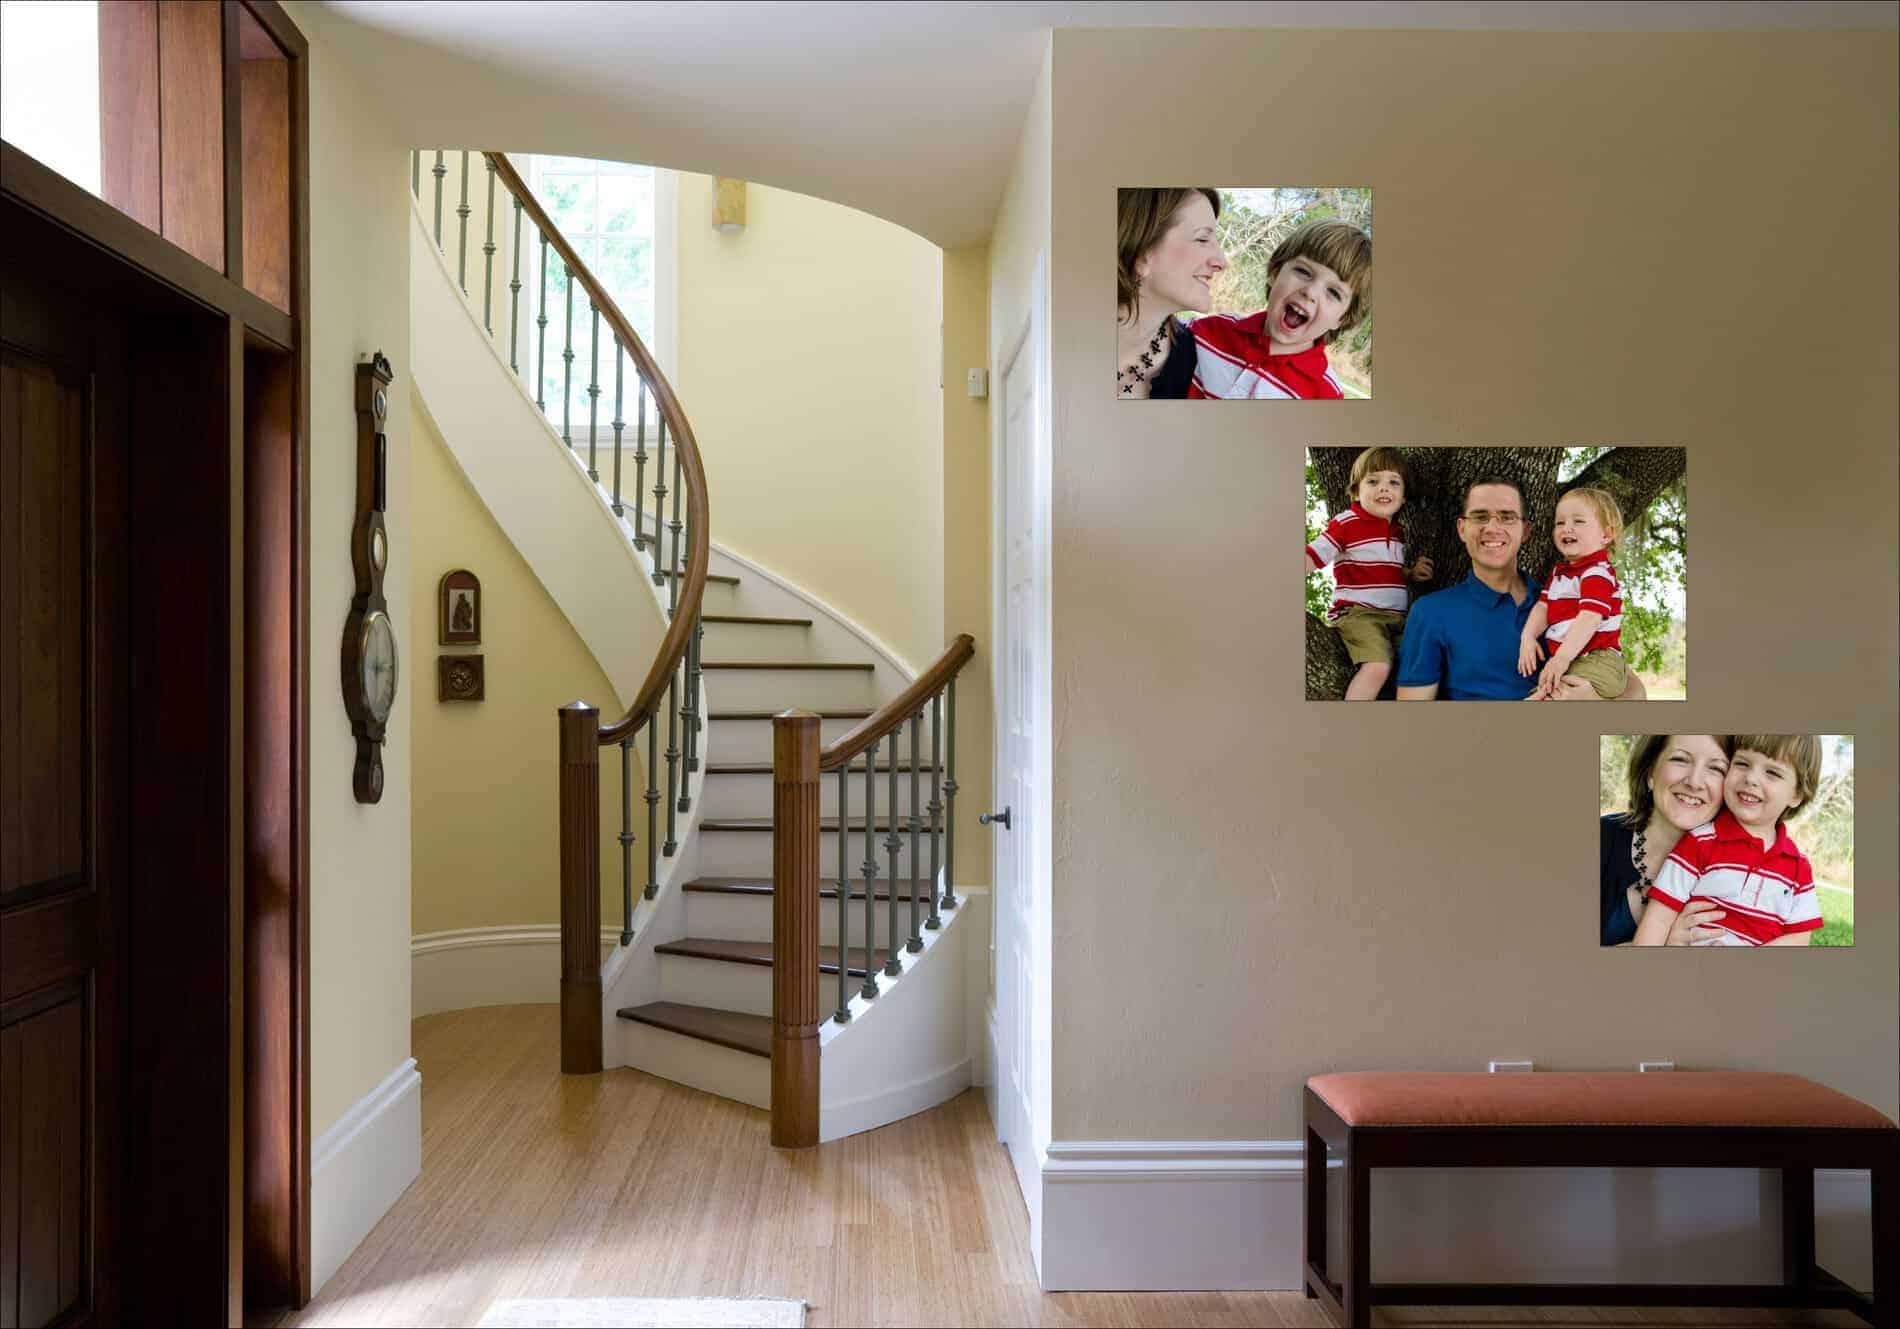 Cascade Family Wall Art Collection 1